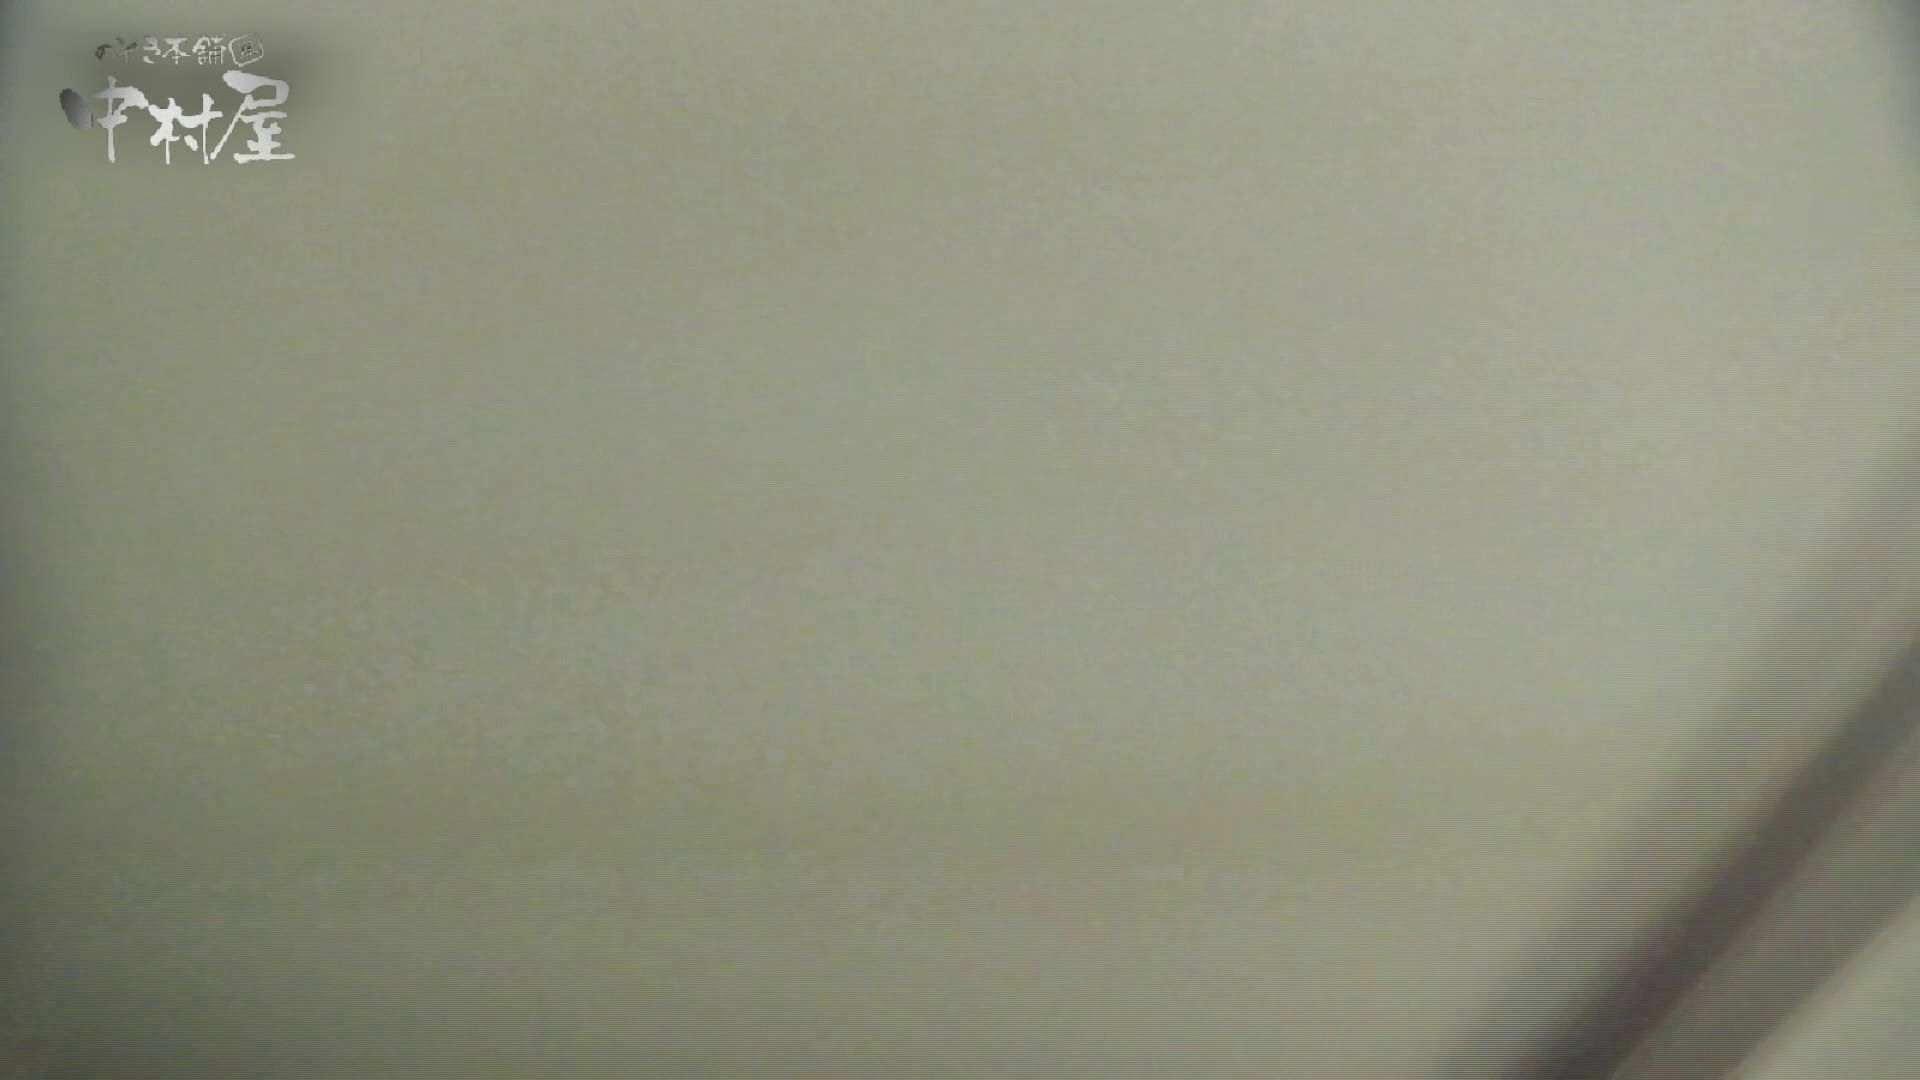 ▲期間限定D▲第三体育館潜入撮File035 アングル調整、場所変更!違った味の物が誕生 前編 丸見えマンコ AV動画キャプチャ 108PIX 61